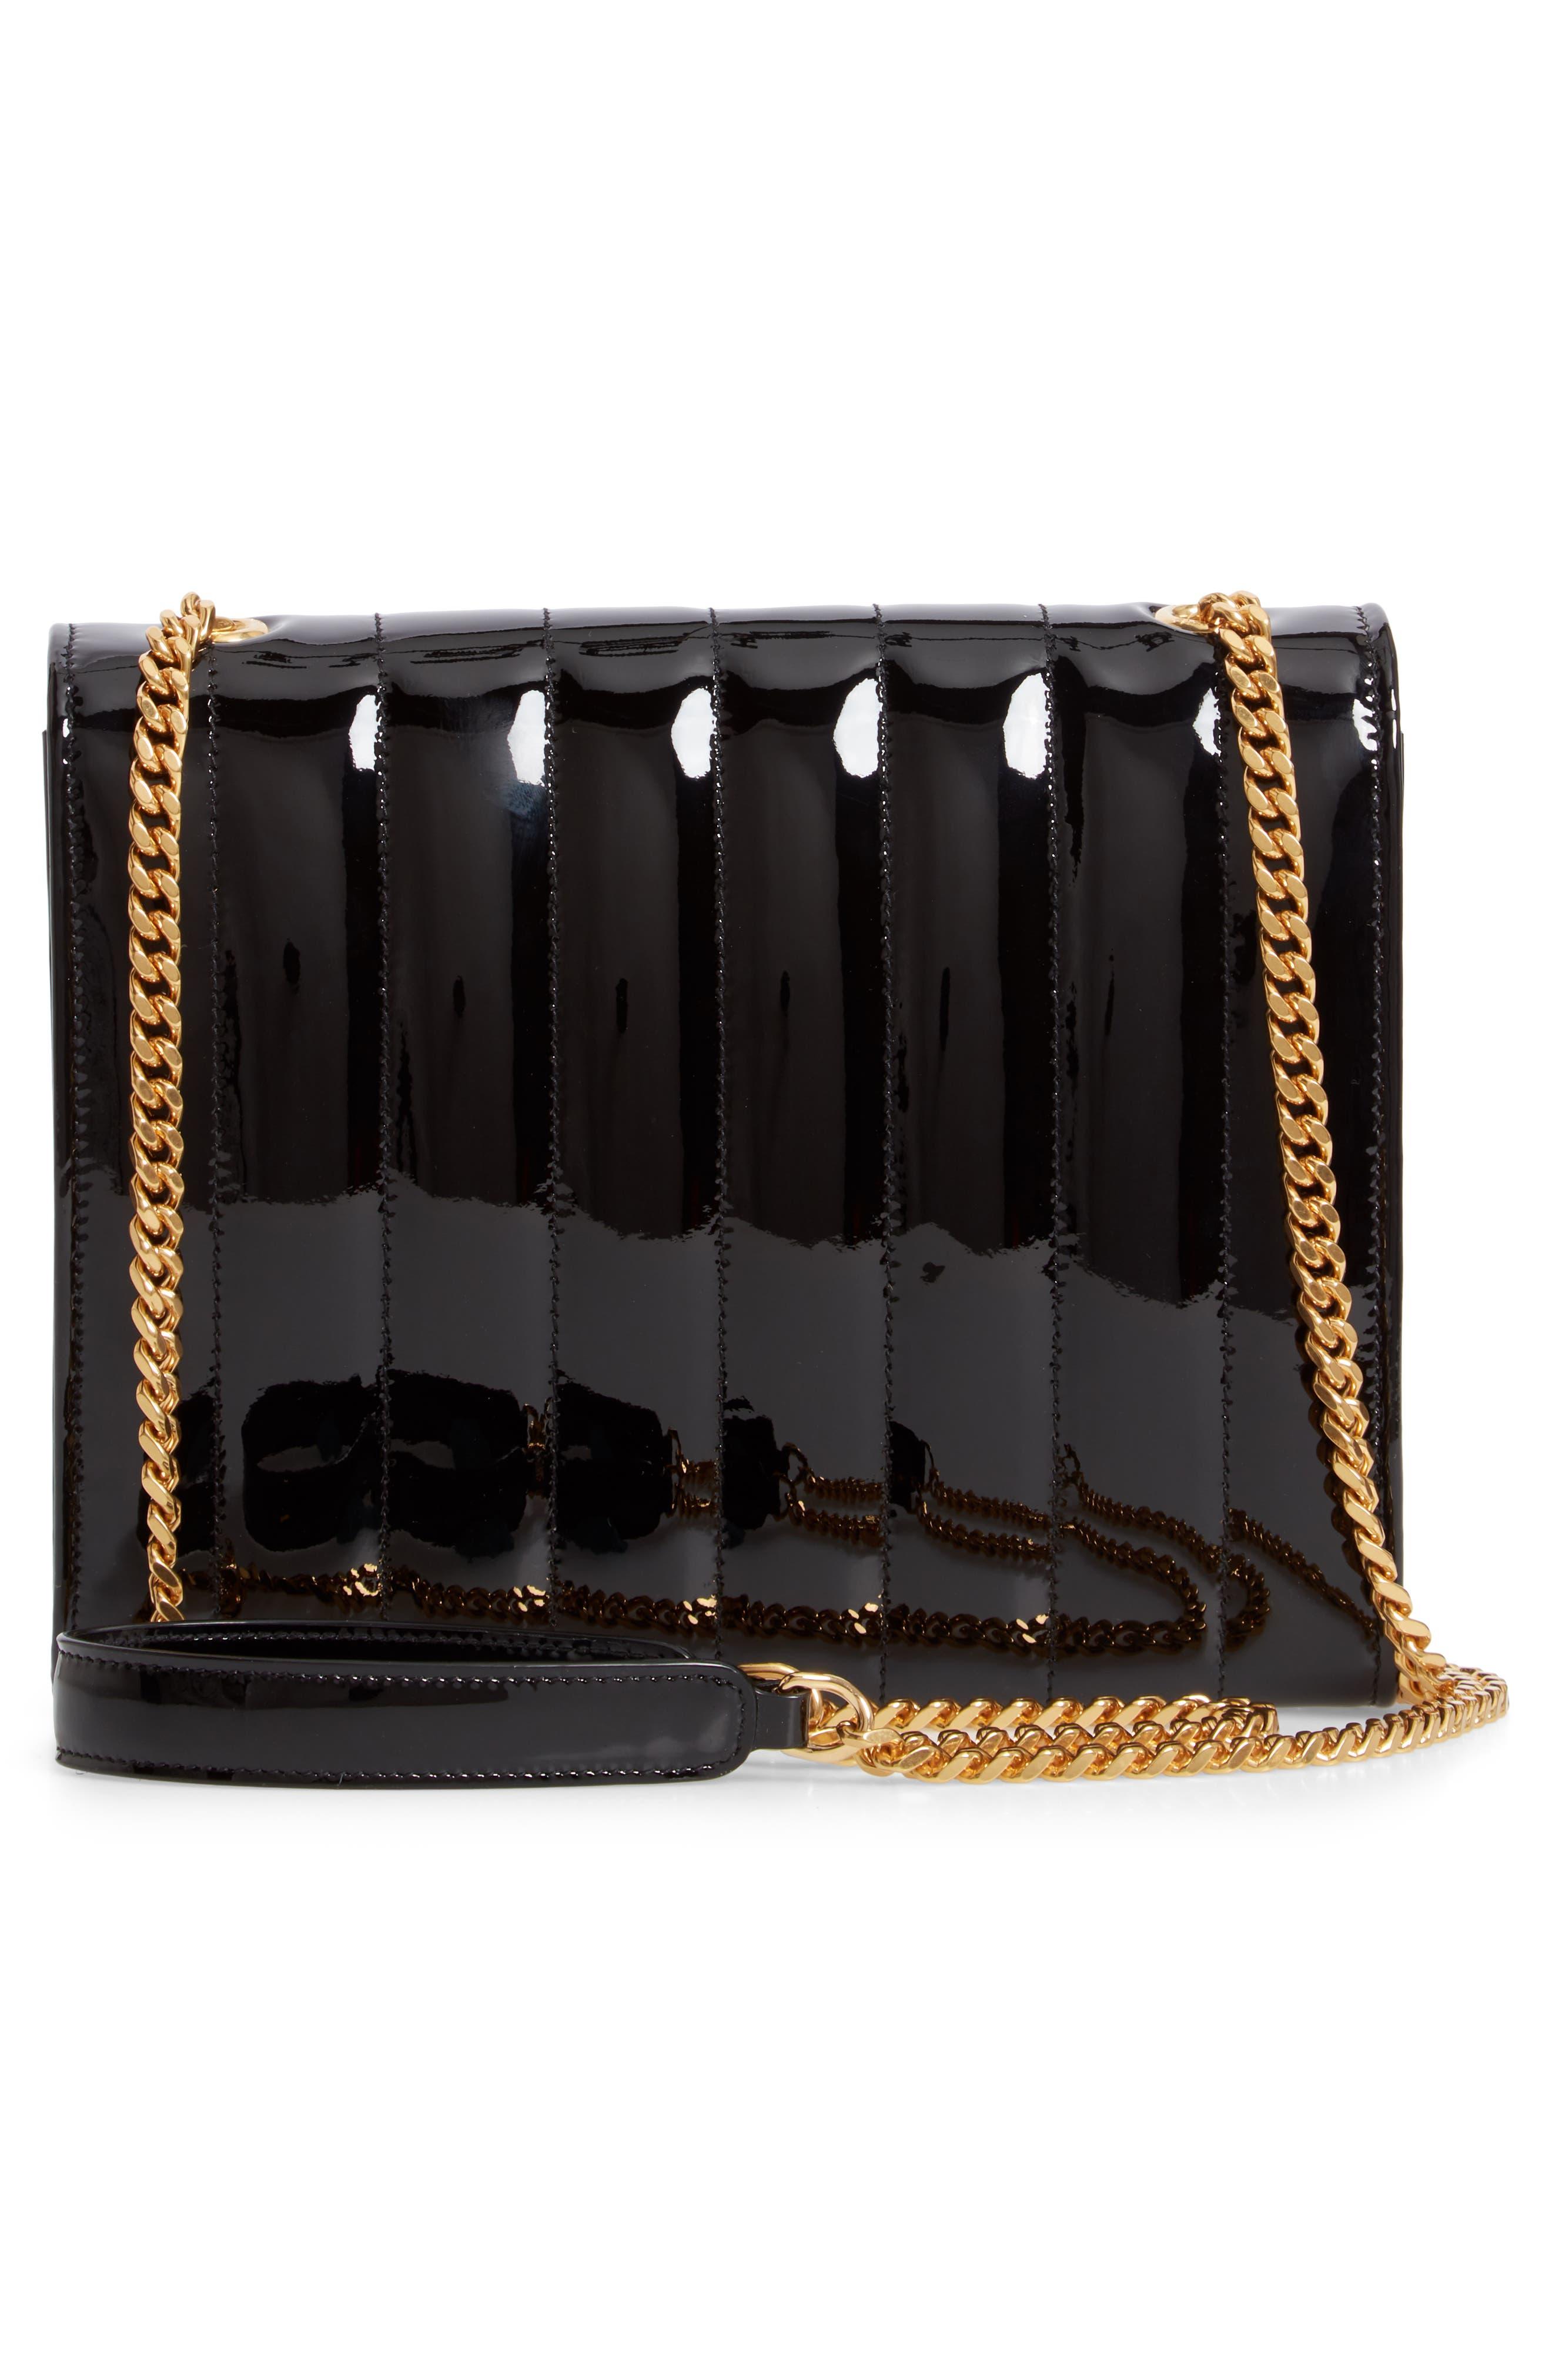 SAINT LAURENT, Vicky Patent Leather Wallet on a Chain, Alternate thumbnail 3, color, NOIR/ NOIR